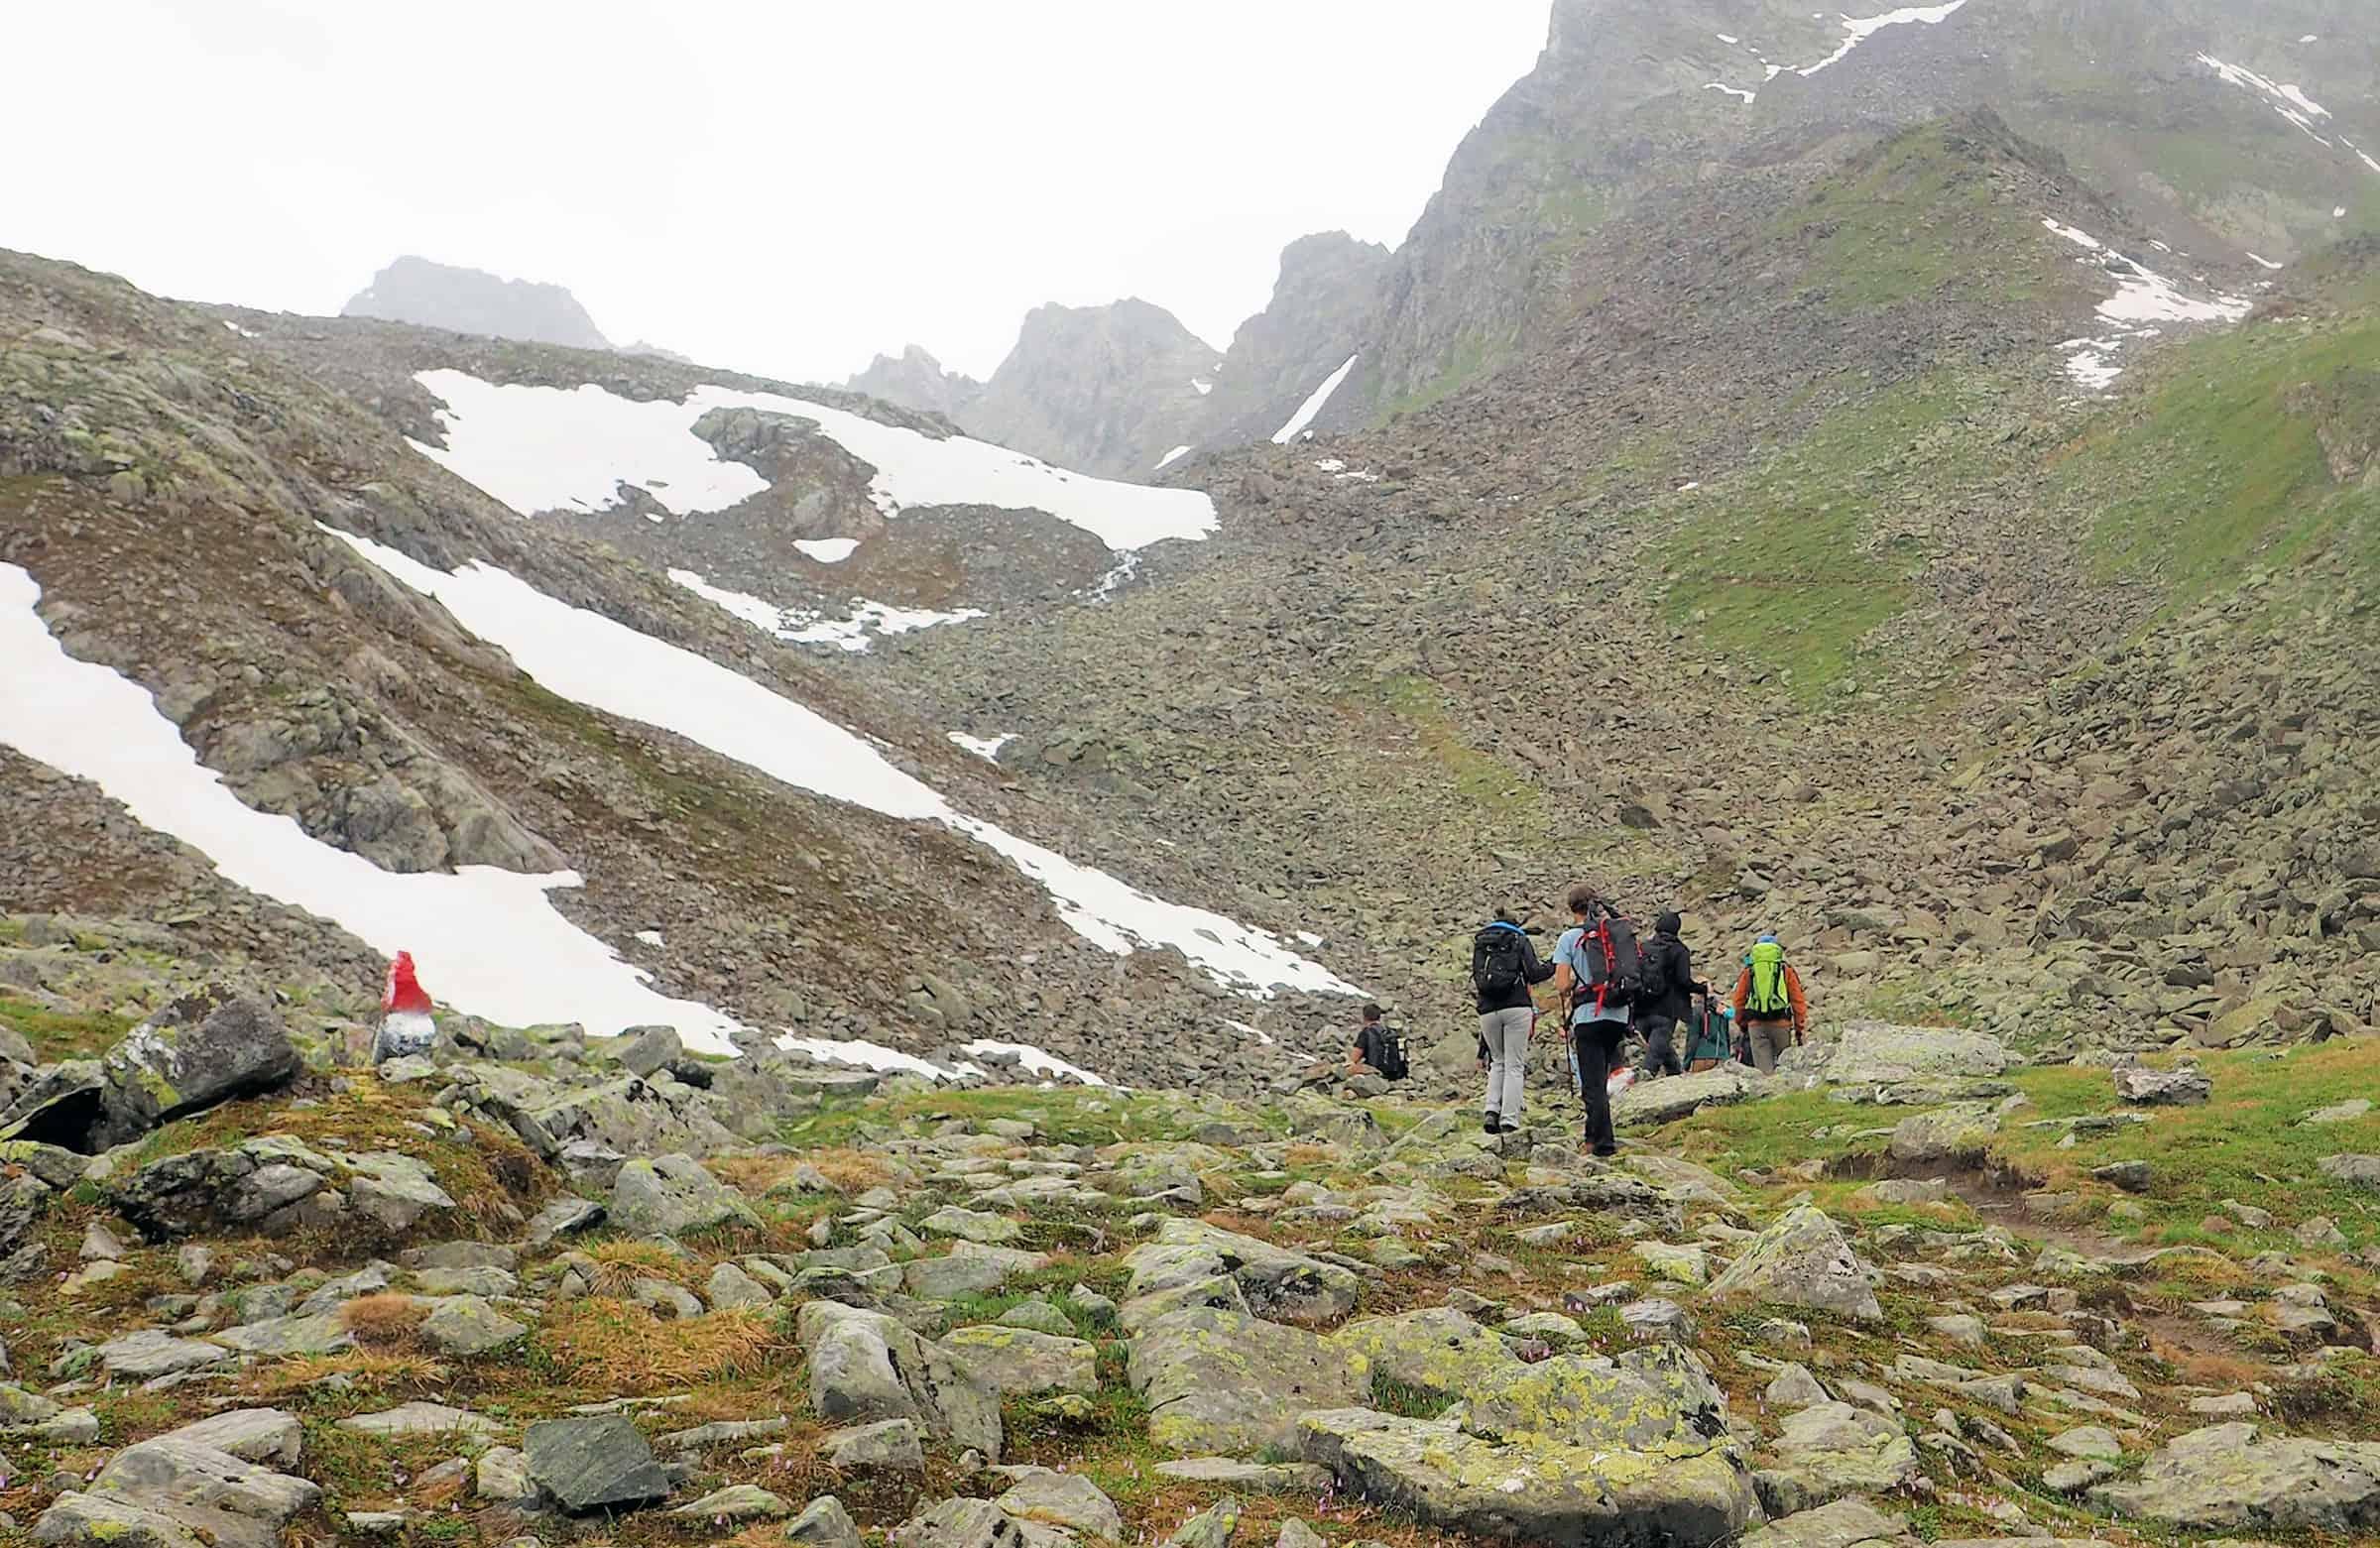 De tocht naar de top